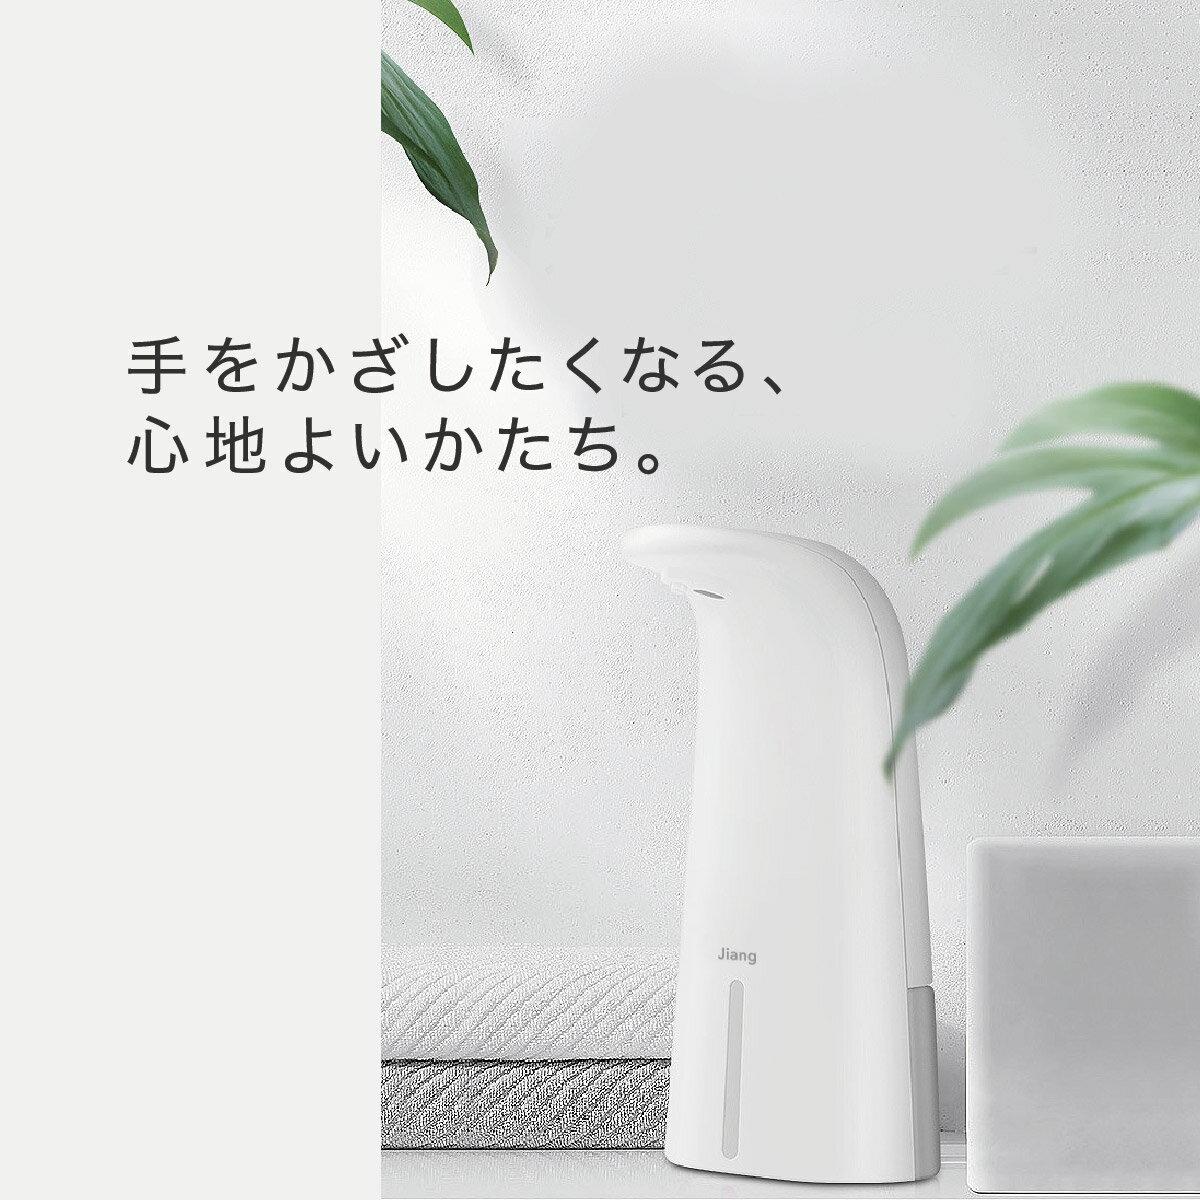 ソープディスペンサー自動泡おしゃれハンドソープディスペンサー液体センサー式ノータッチ250mlhandsoap